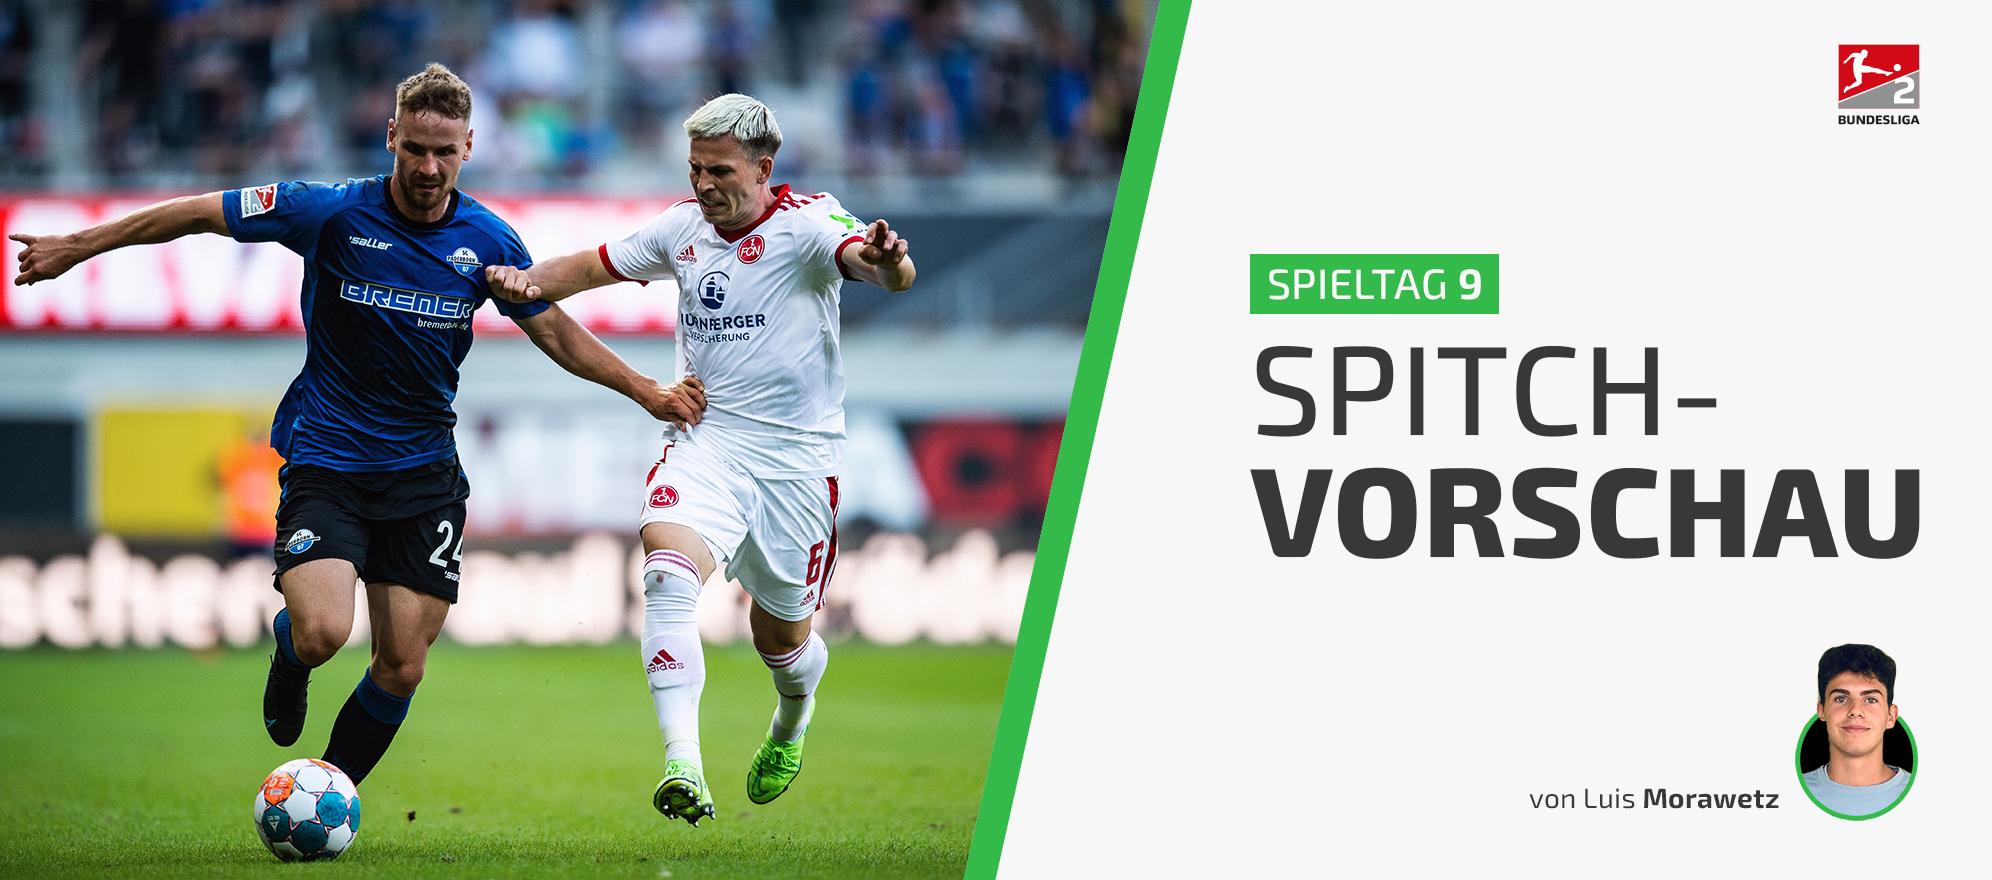 Unsere Vorschau auf den 9. Spieltag der 2. Bundesliga